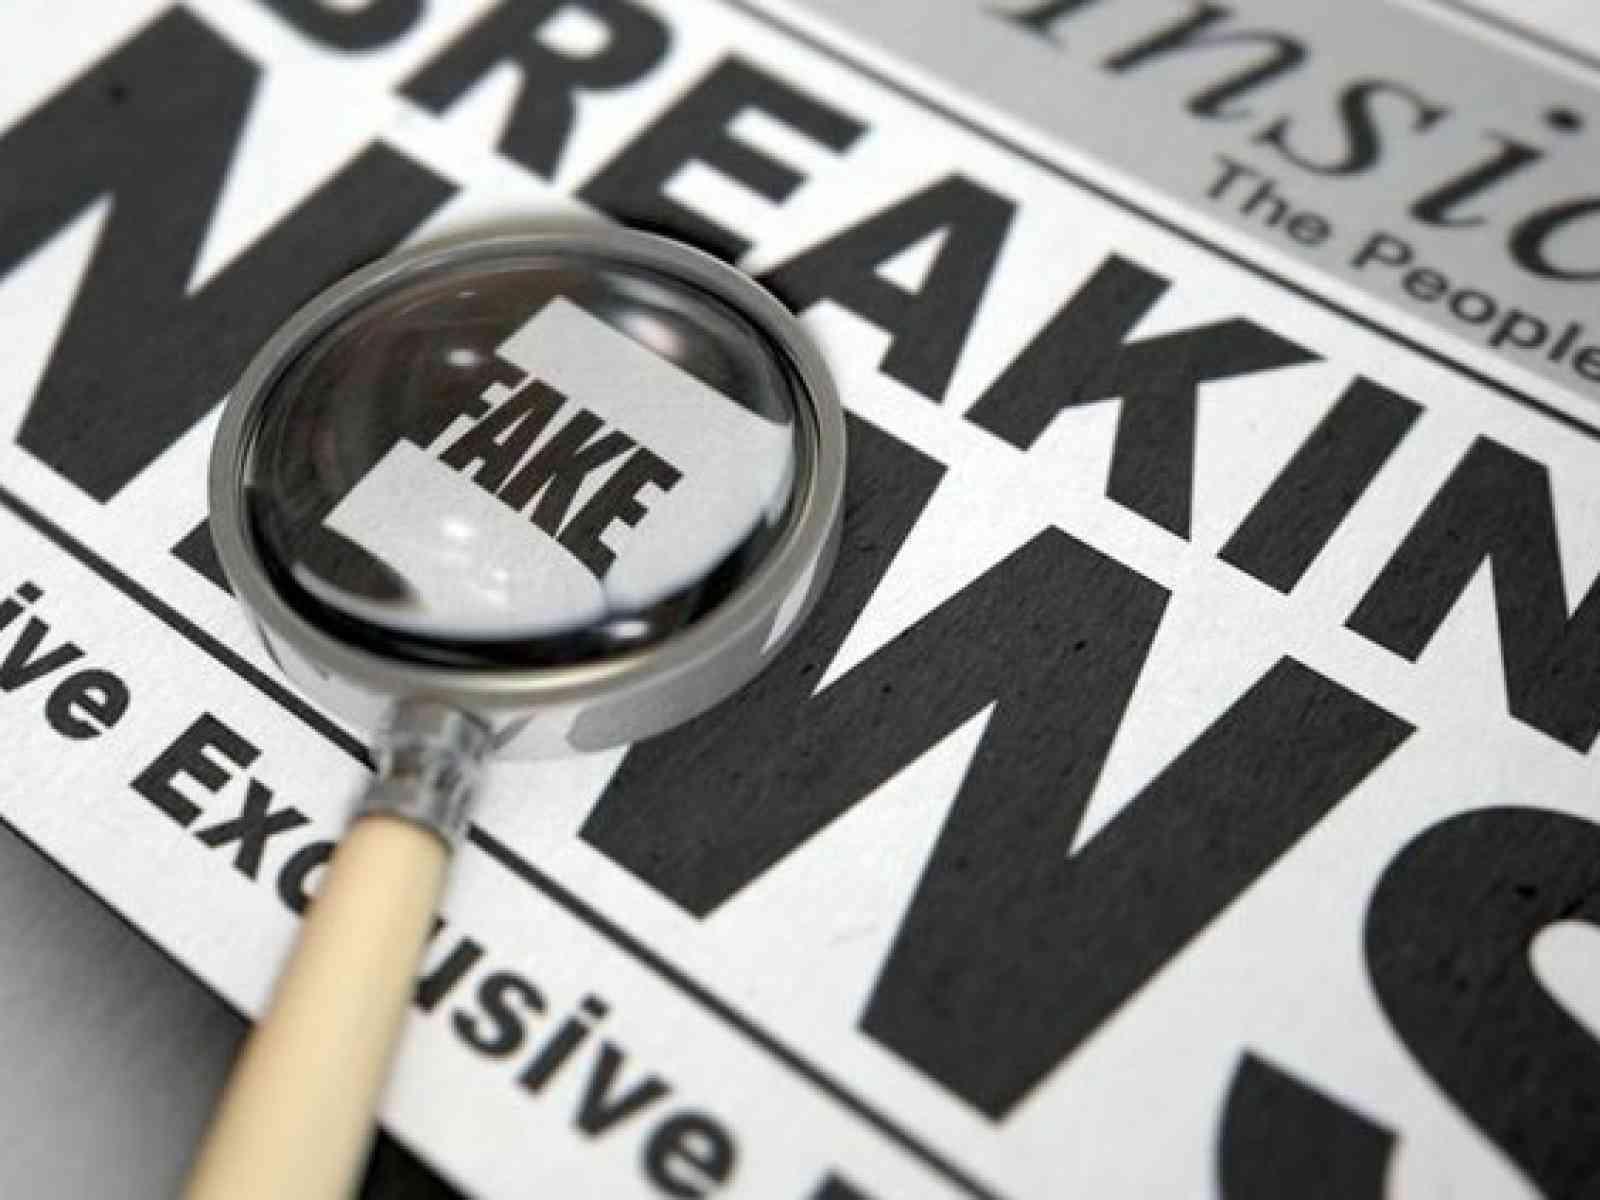 Immagine articolo: Cyber truppe e fake news: quando la verità è a rischio.